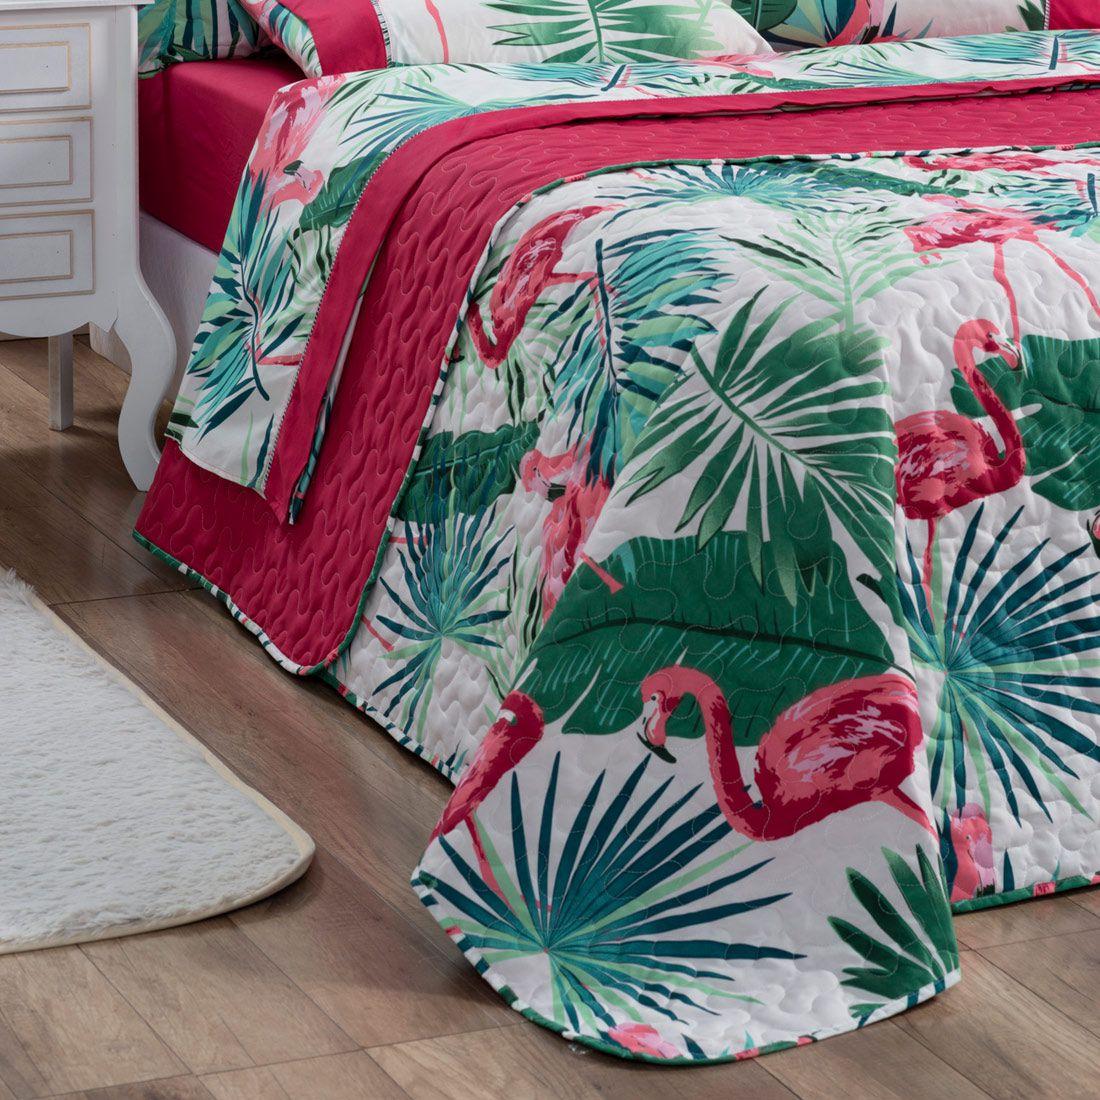 Cobre Leito Forest Flamingo Solteiro Dupla Face Micropercal 200 fios 02 peças